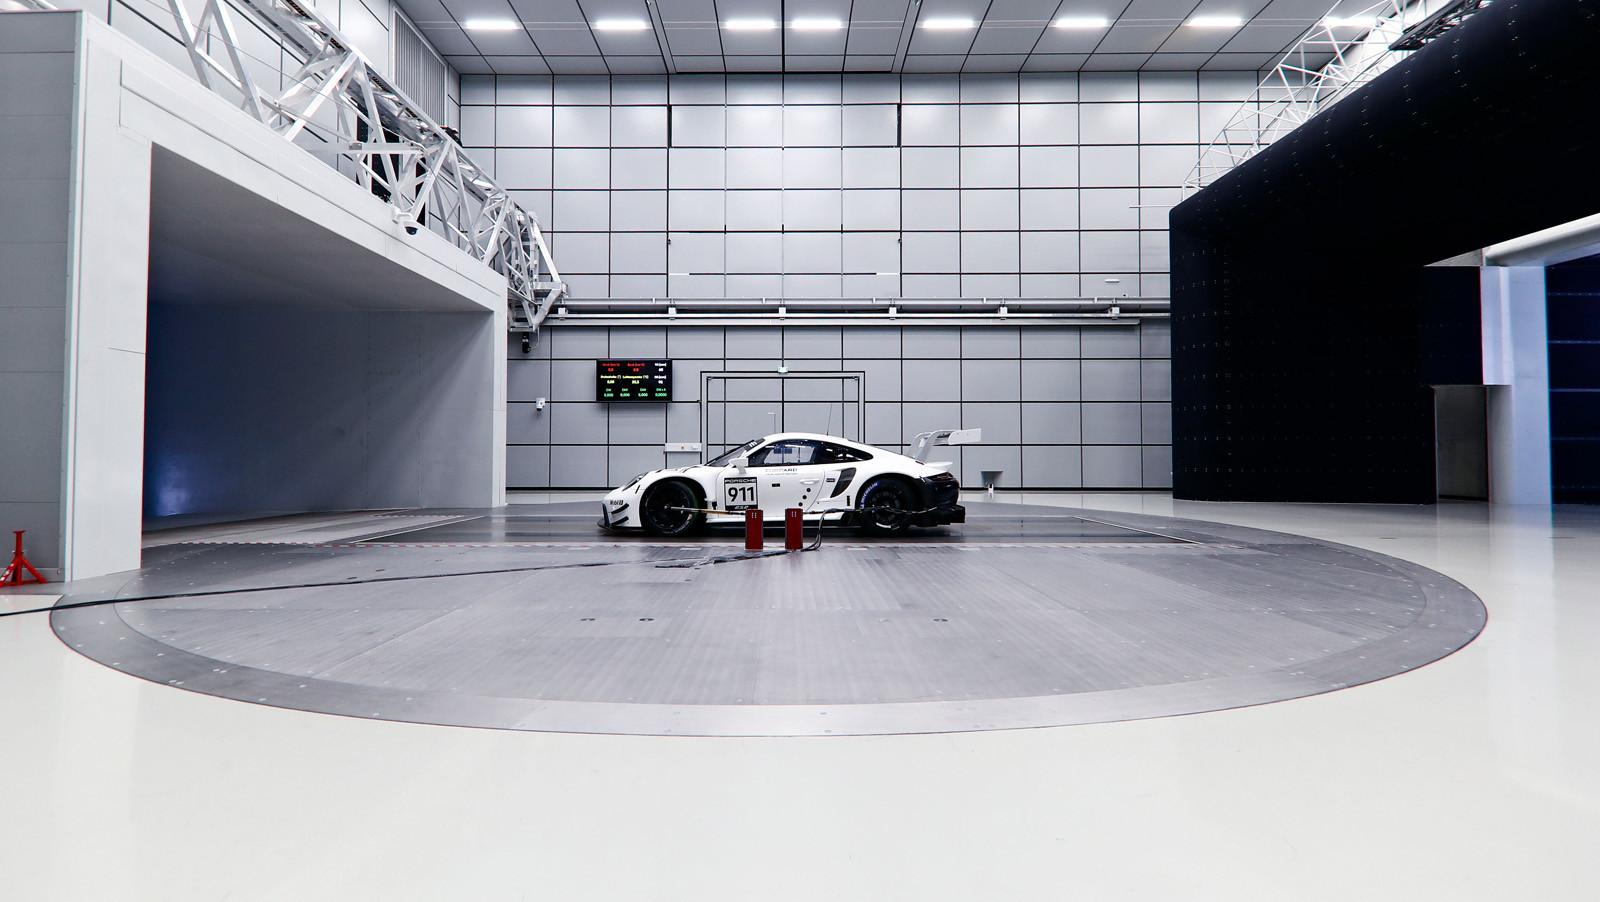 Foto de Porsche 911 RSR GTE 2019 (40/41)